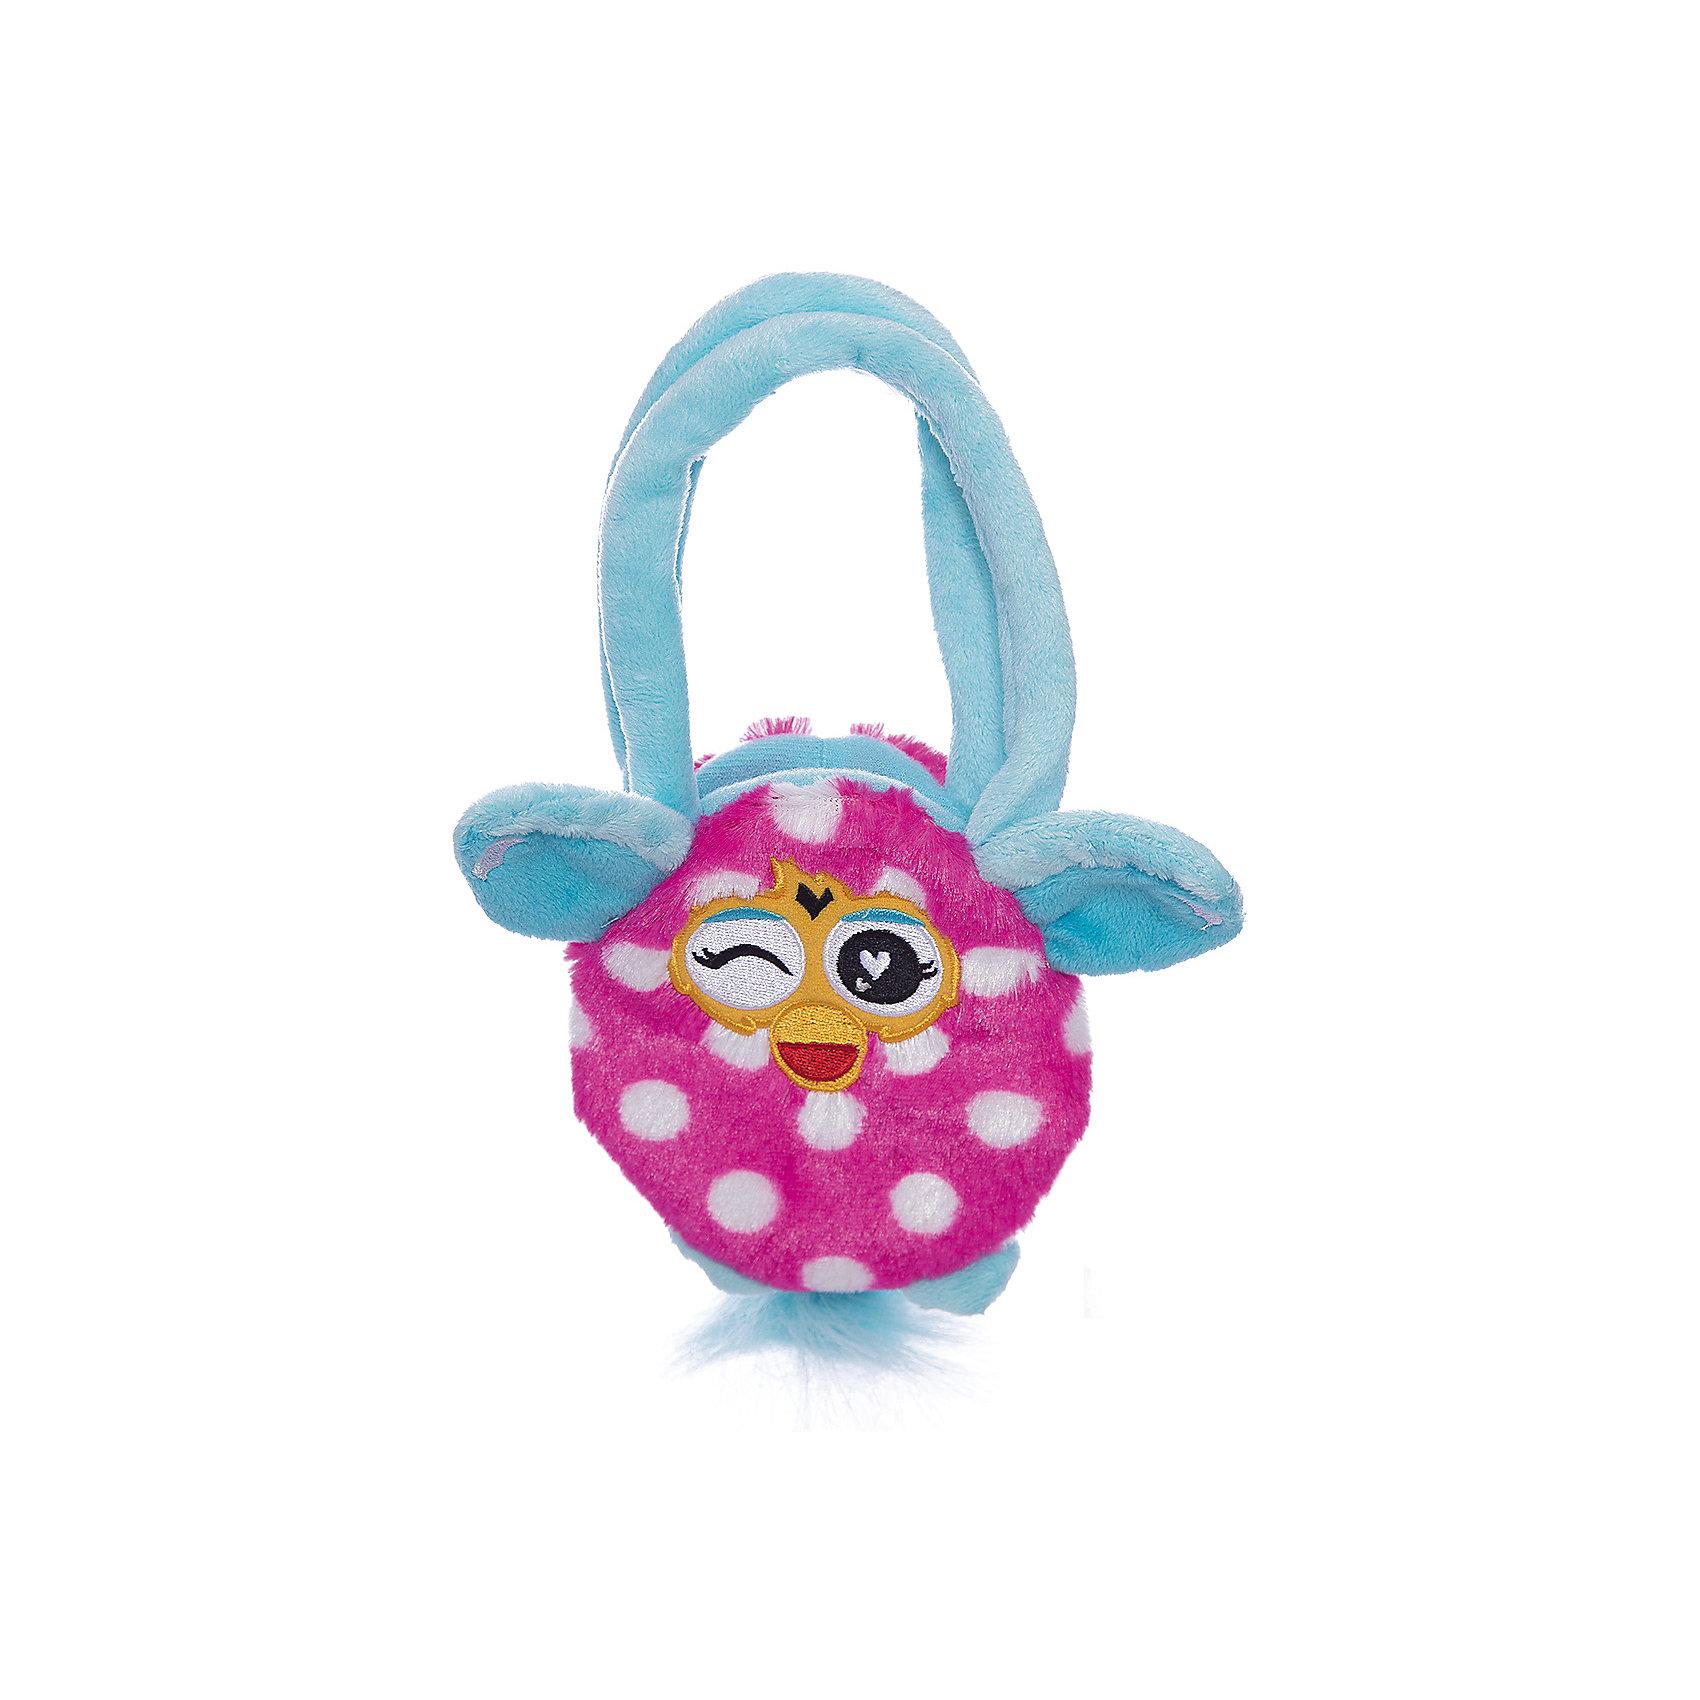 Furby сумочка 12 см, в горошек, 1ToyПлюшевые сумки и рюкзаки<br>Чудесная плюшевая сумочка Furby не оставит равнодушной ни одну девочку. Она замечательно подойдет для прогулок, поездок и путешествий, а также в качестве забавной мягкой игрушки. Сумочка выполнена в виде очаровательного Ферби и ее внешний вид абсолютно идентичен популярной интерактивной игрушке. У Ферби яркая розовая расцветка в горошек, голубые ушки и лапки. Качественный плюшевый материал сумочки очень мягкий и приятный на ощупь. Внутри одно вместительное отделение, куда ребенок сможет положить все необходимые на прогулке вещи. Имеется удобная плюшевая ручка для переноски в руках. <br><br>Дополнительная информация:<br><br>- Материал: плюш.  <br>- Длина сумки: 12 см. (без ручек).<br>- Размер упаковки: 20 х 14 х 2 см.<br>- Вес: 50 гр.<br><br>Furby сумочку 12 см., в горошек, 1Toy, можно купить в нашем интернет-магазине.<br><br>Ширина мм: 200<br>Глубина мм: 140<br>Высота мм: 20<br>Вес г: 49<br>Возраст от месяцев: 24<br>Возраст до месяцев: 60<br>Пол: Унисекс<br>Возраст: Детский<br>SKU: 4627951